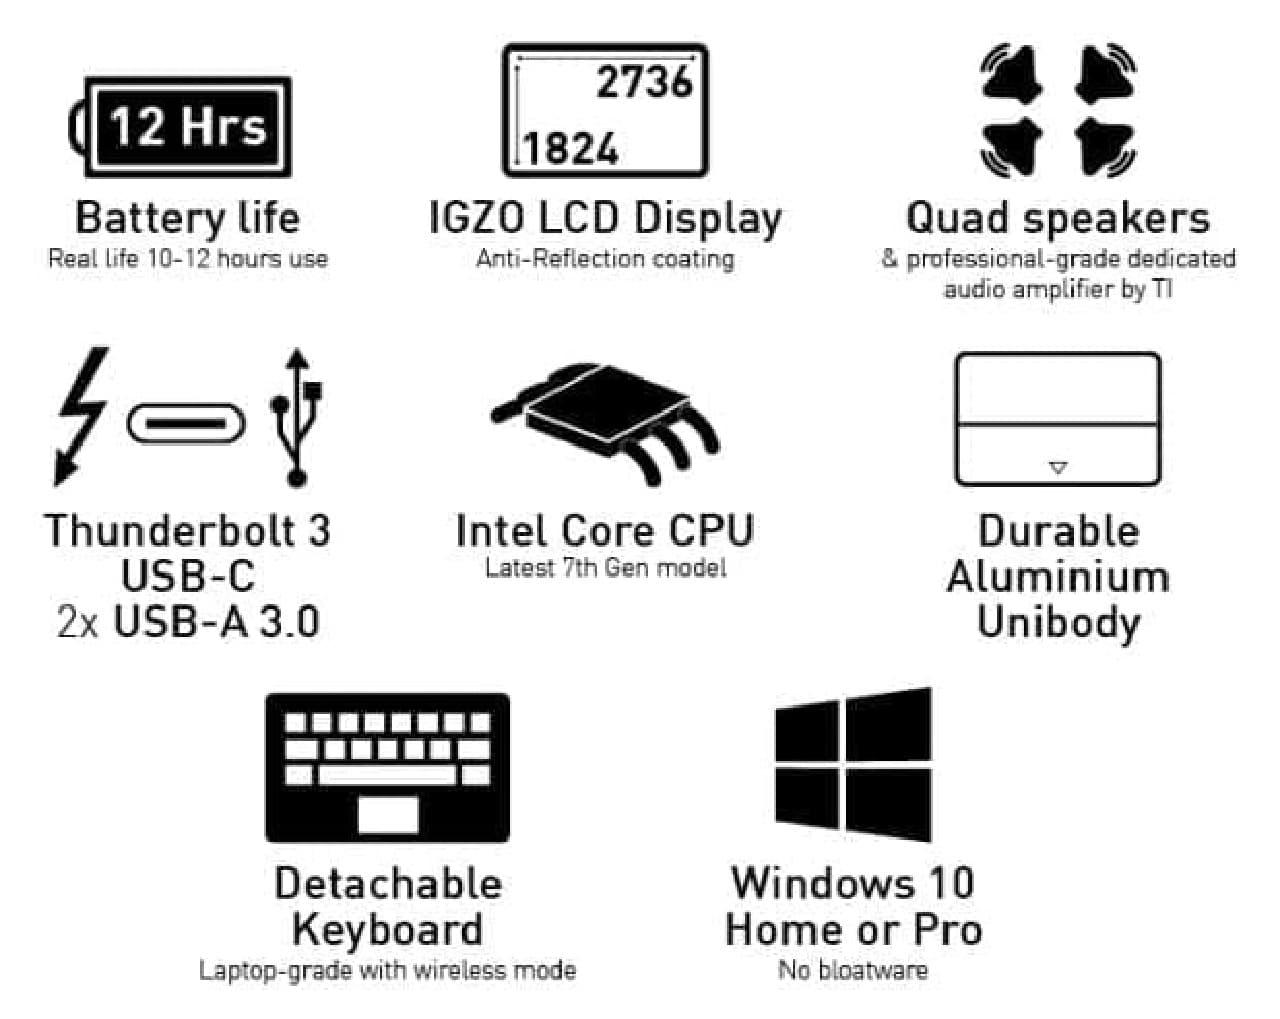 理想のノートPCを目指す「Eve V」